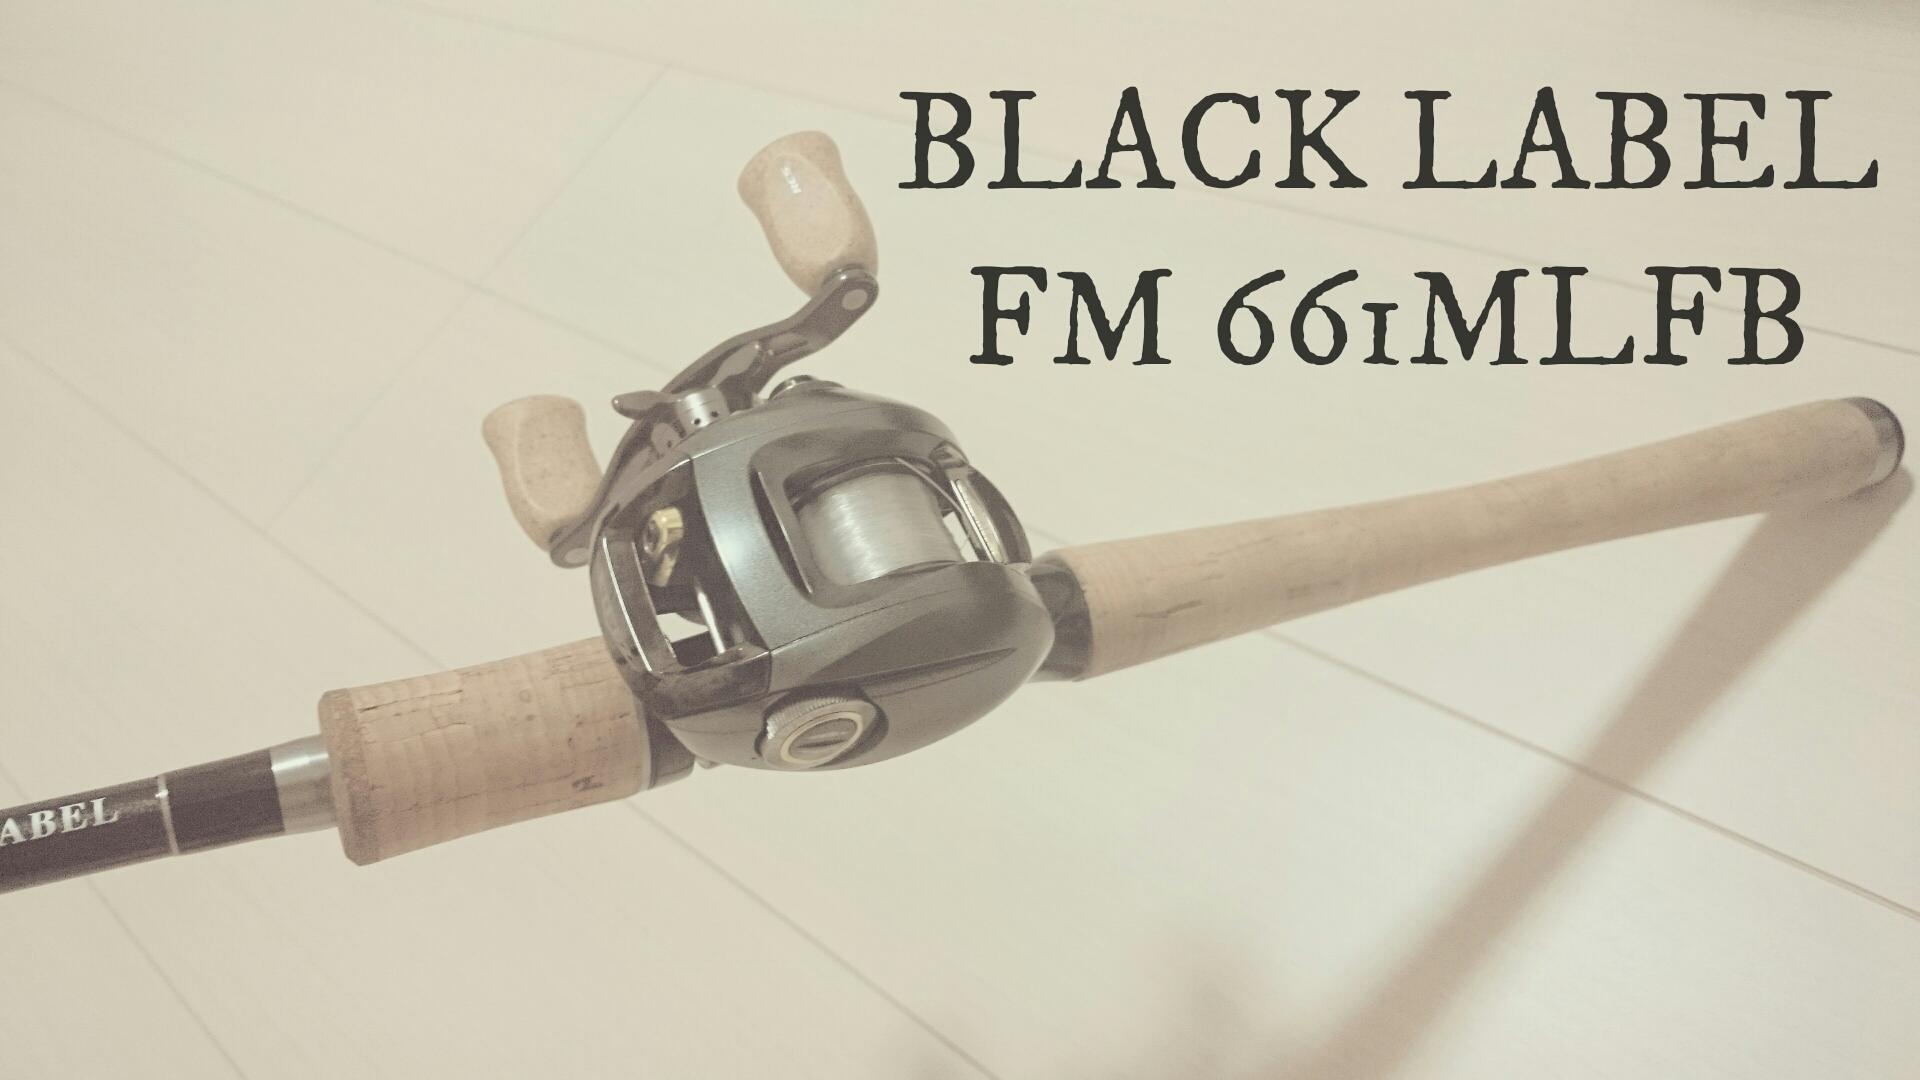 ブラックレーベル【FM661MLFB】でグラスの味わいを楽しむ。